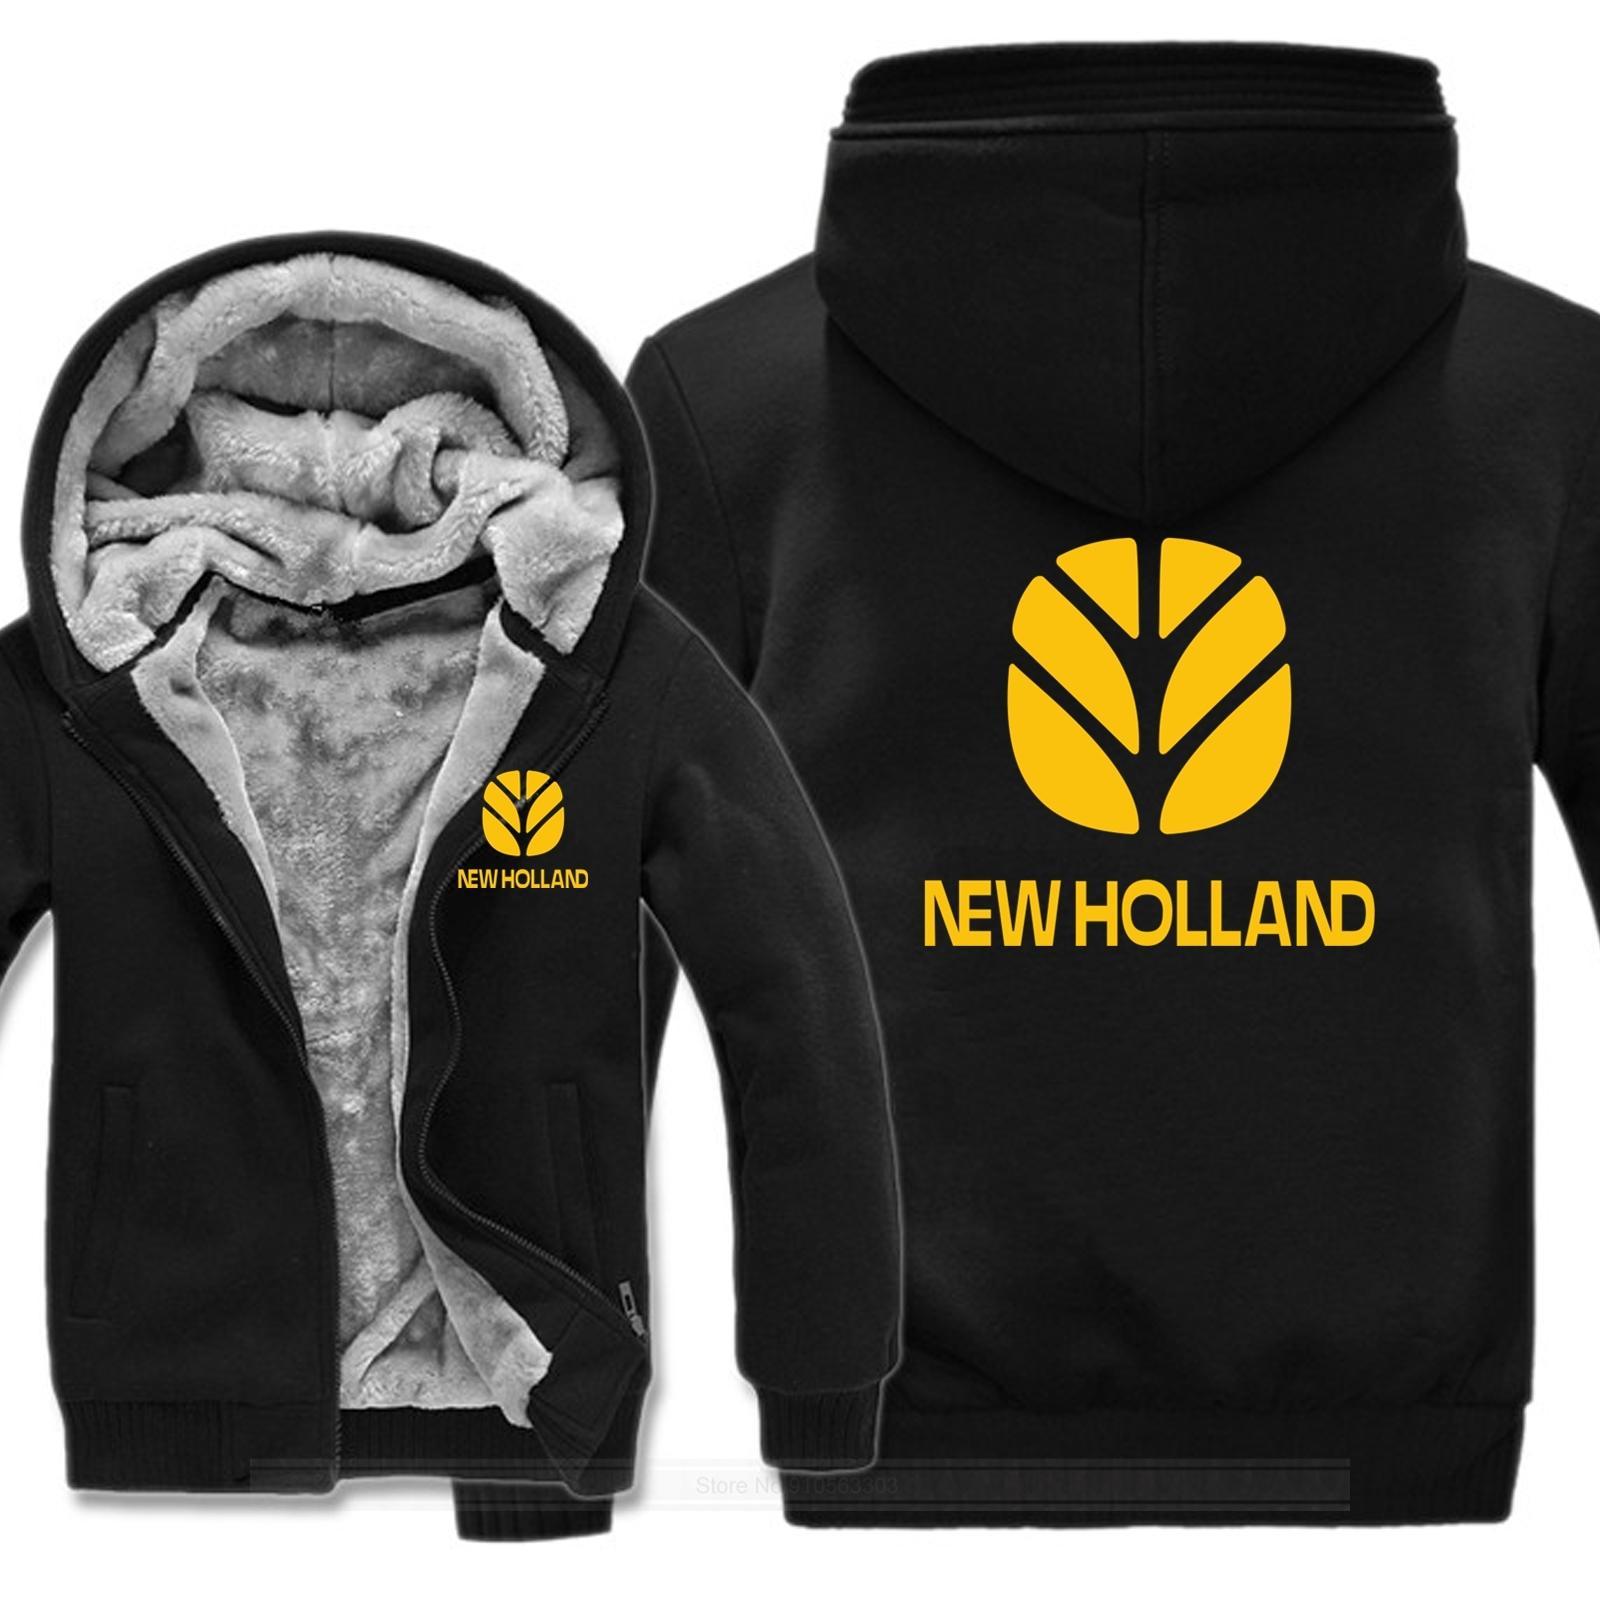 Felpe con cappuccio inverno uomini cappotto di moda pullover giacca rivestimento in pile nuovo holland agricoltura felpa con cappuccio